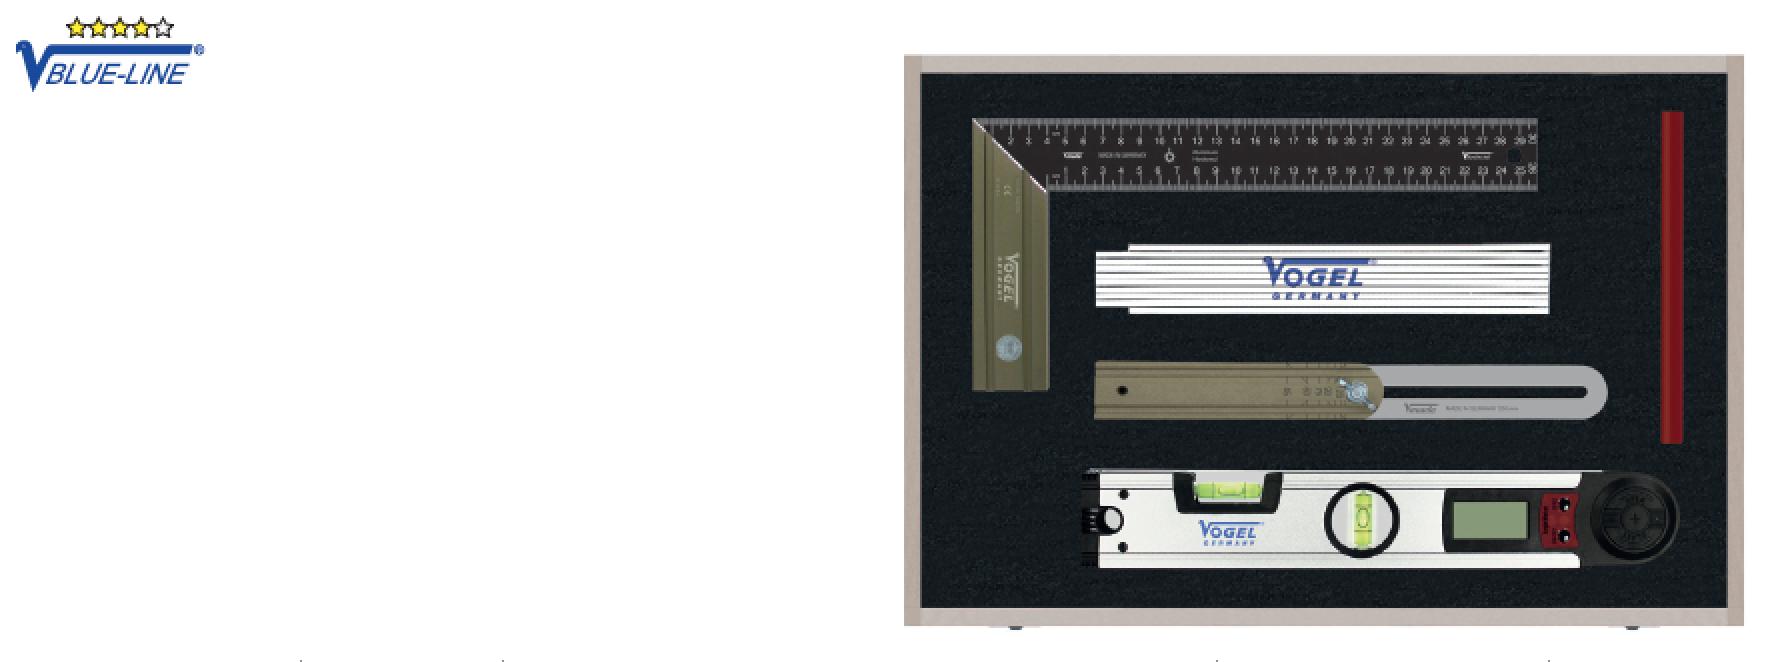 Инструмент для деревообработки: ручные и электрические устройства, применяемые в домашних условиях